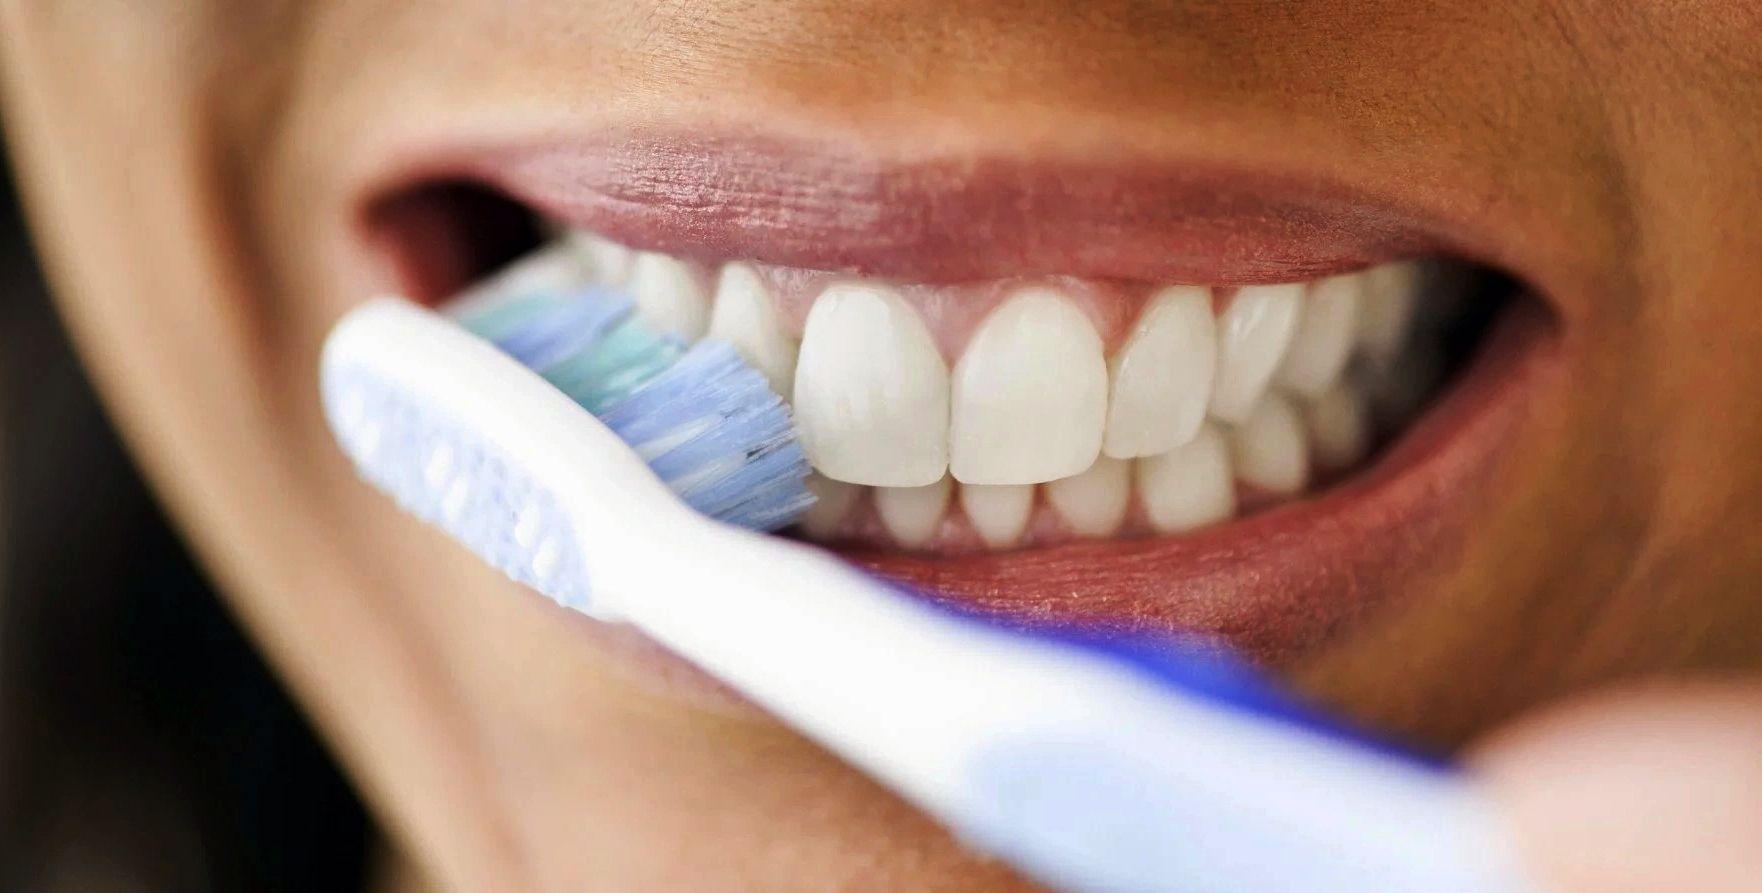 когда чистка зубов приводит к эпилепсии